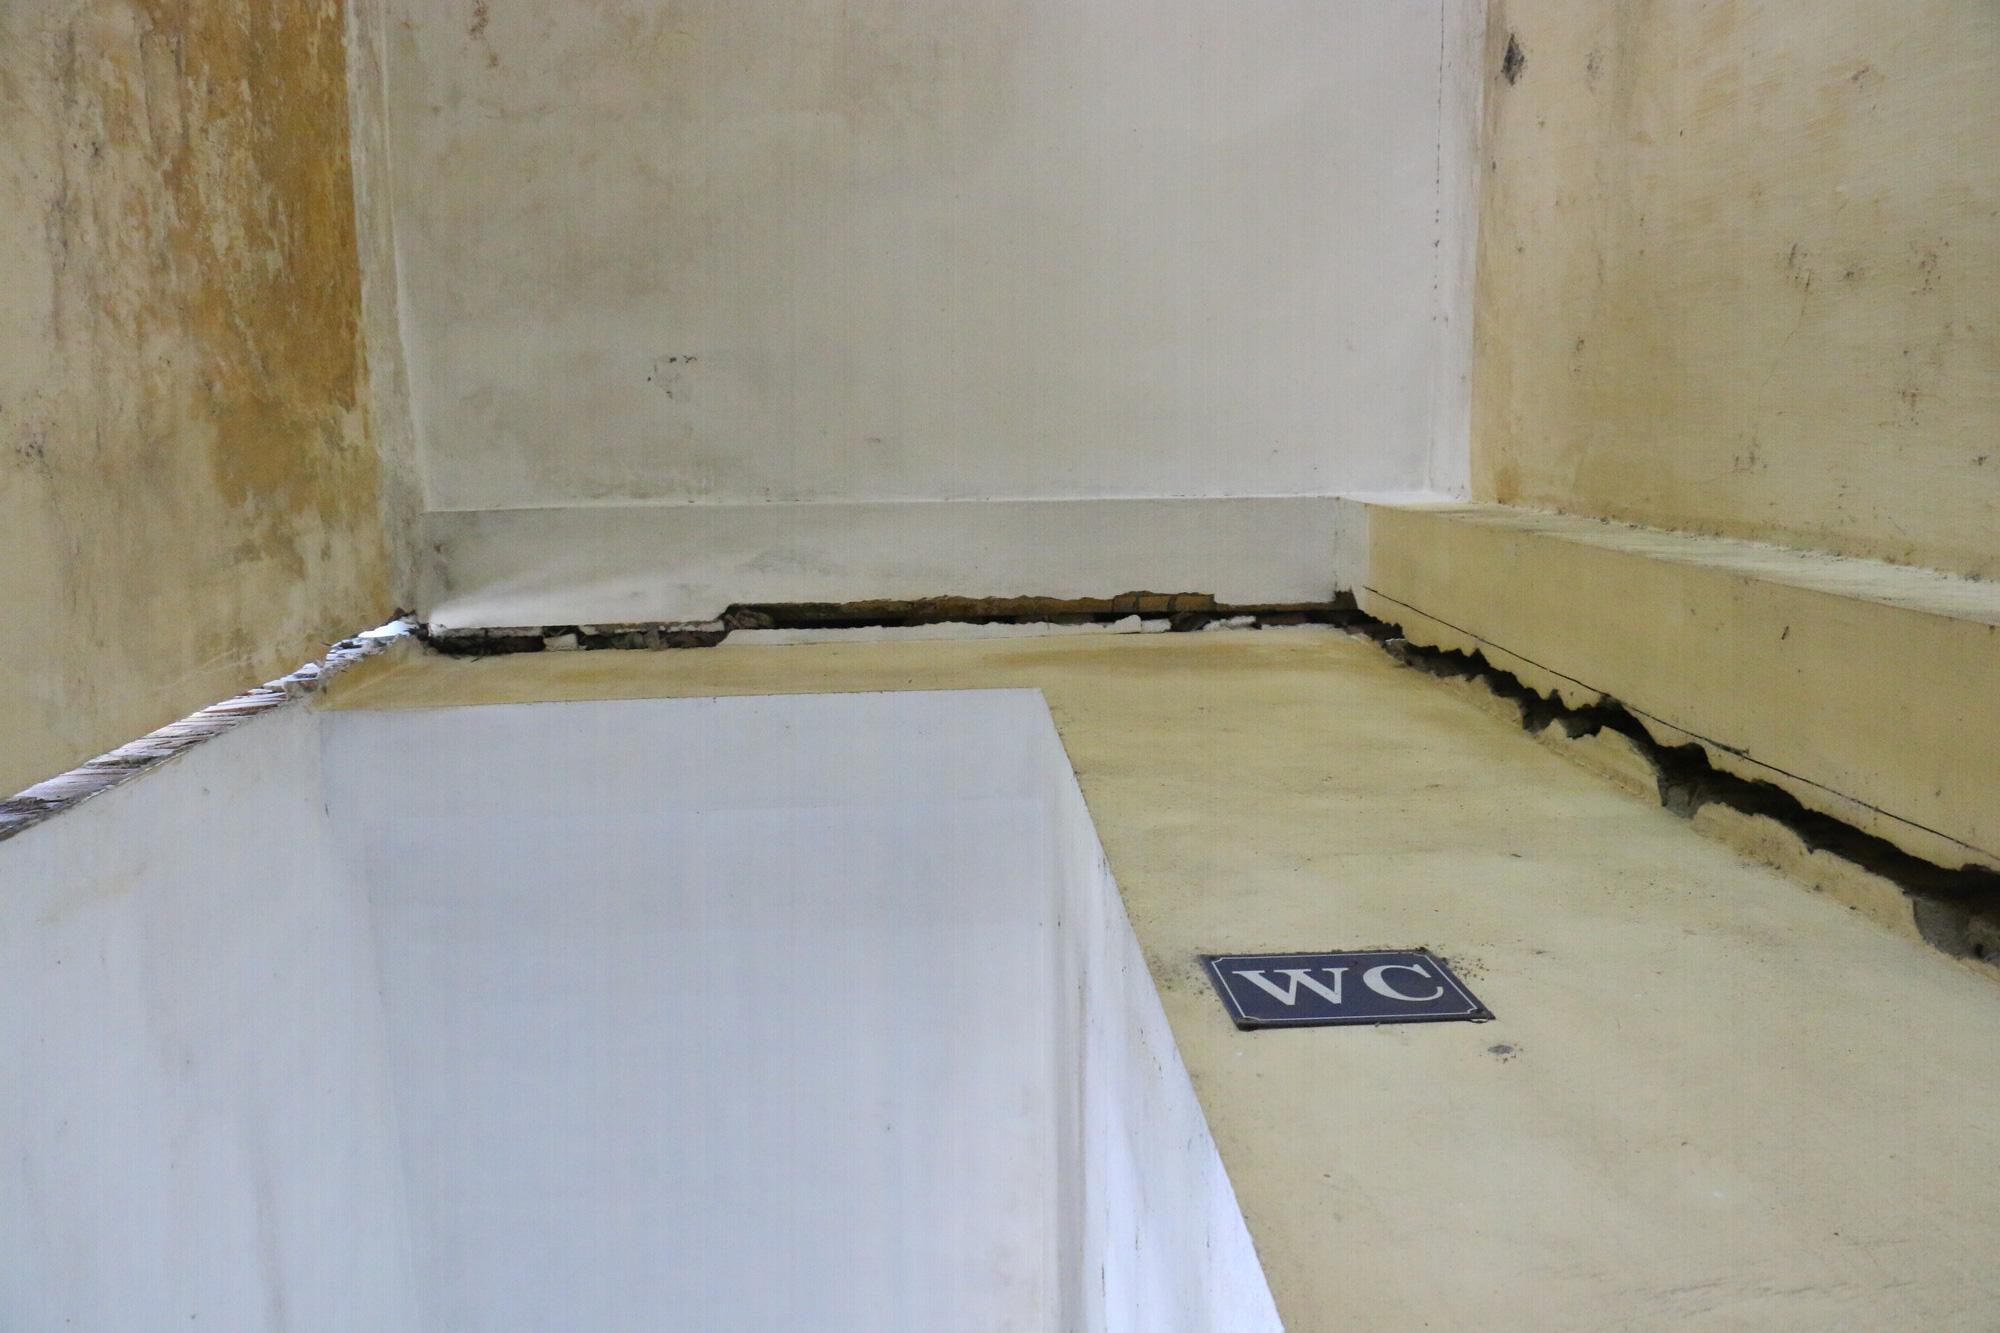 Vữa trần rơi, lan can được rào tạm bằng dây thép gai, ngôi trường cấp 3 giữa Hà Nội có nguy cơ đổ sập  - Ảnh 9.